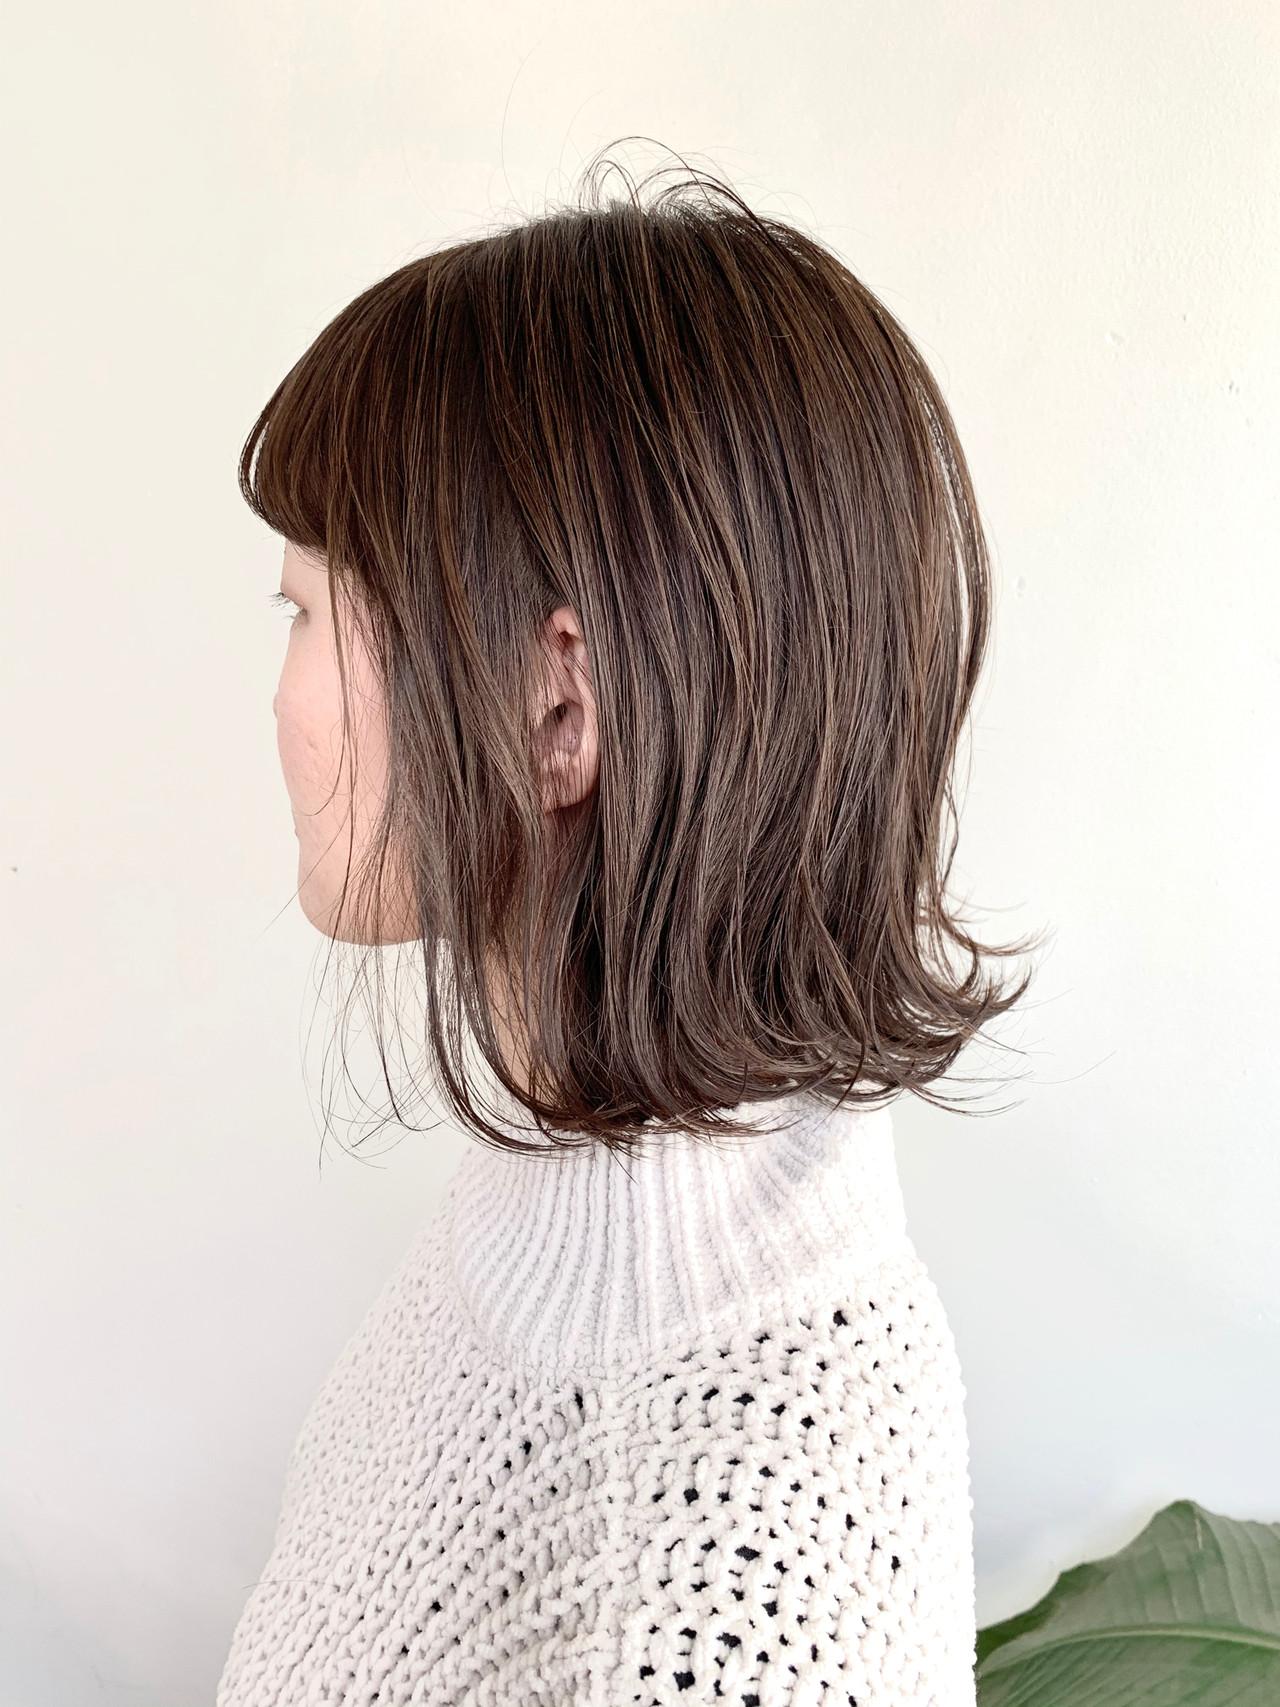 ヌーディーベージュ ナチュラルベージュ ミディアム 切りっぱなしボブ ヘアスタイルや髪型の写真・画像 | ハシモト シュン / Zina